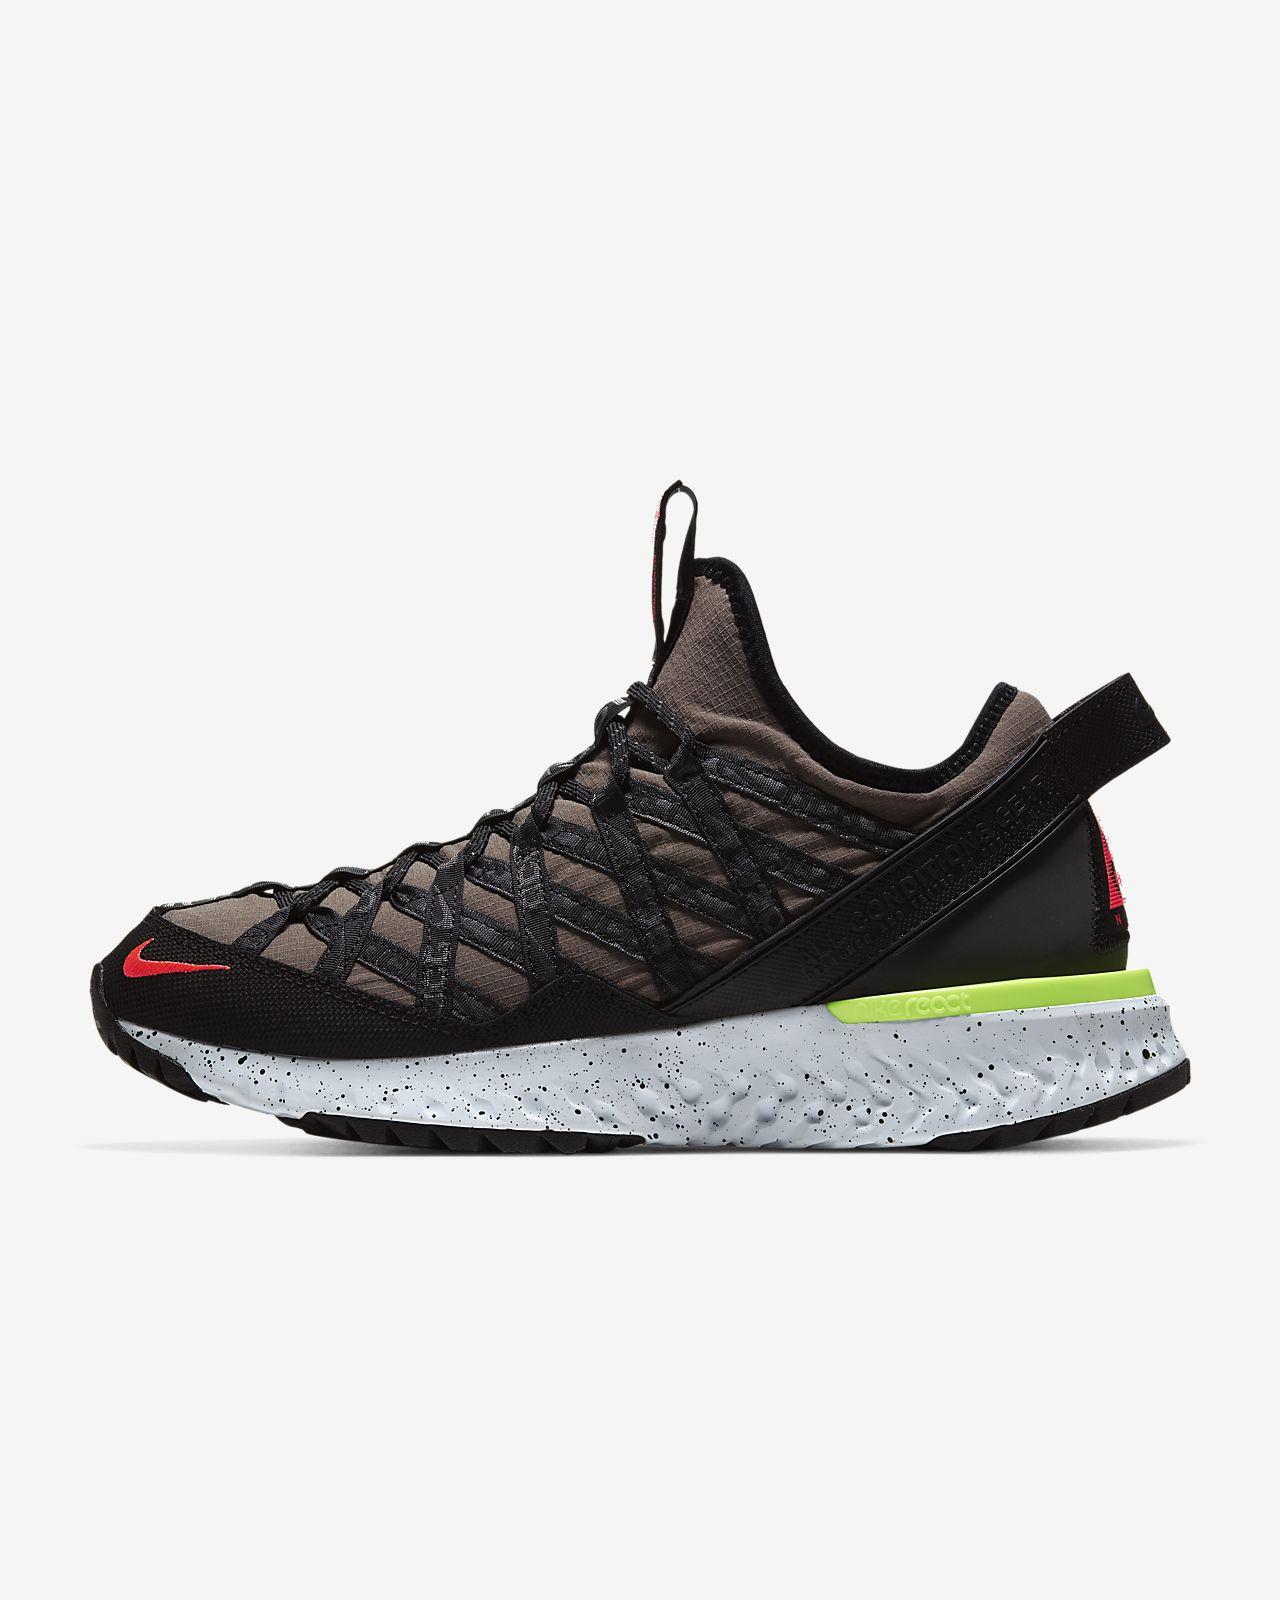 nike skor billigt online sverige, Nike Thermal Sphere